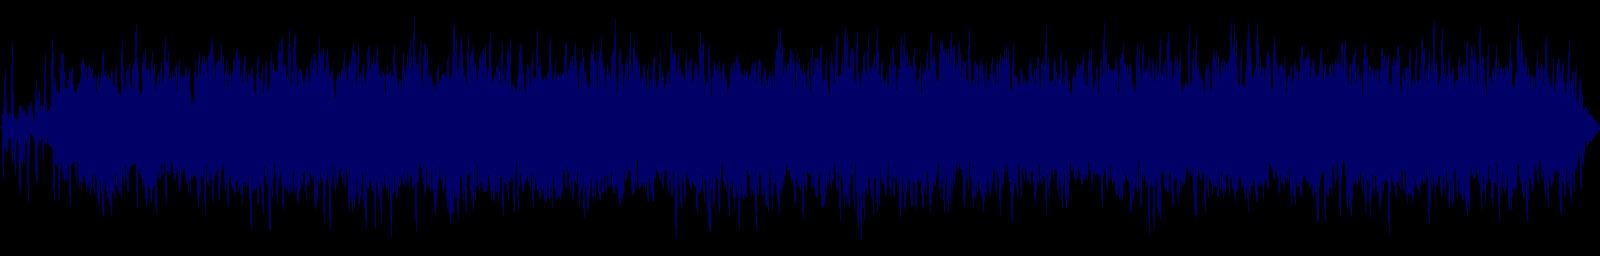 waveform of track #144176